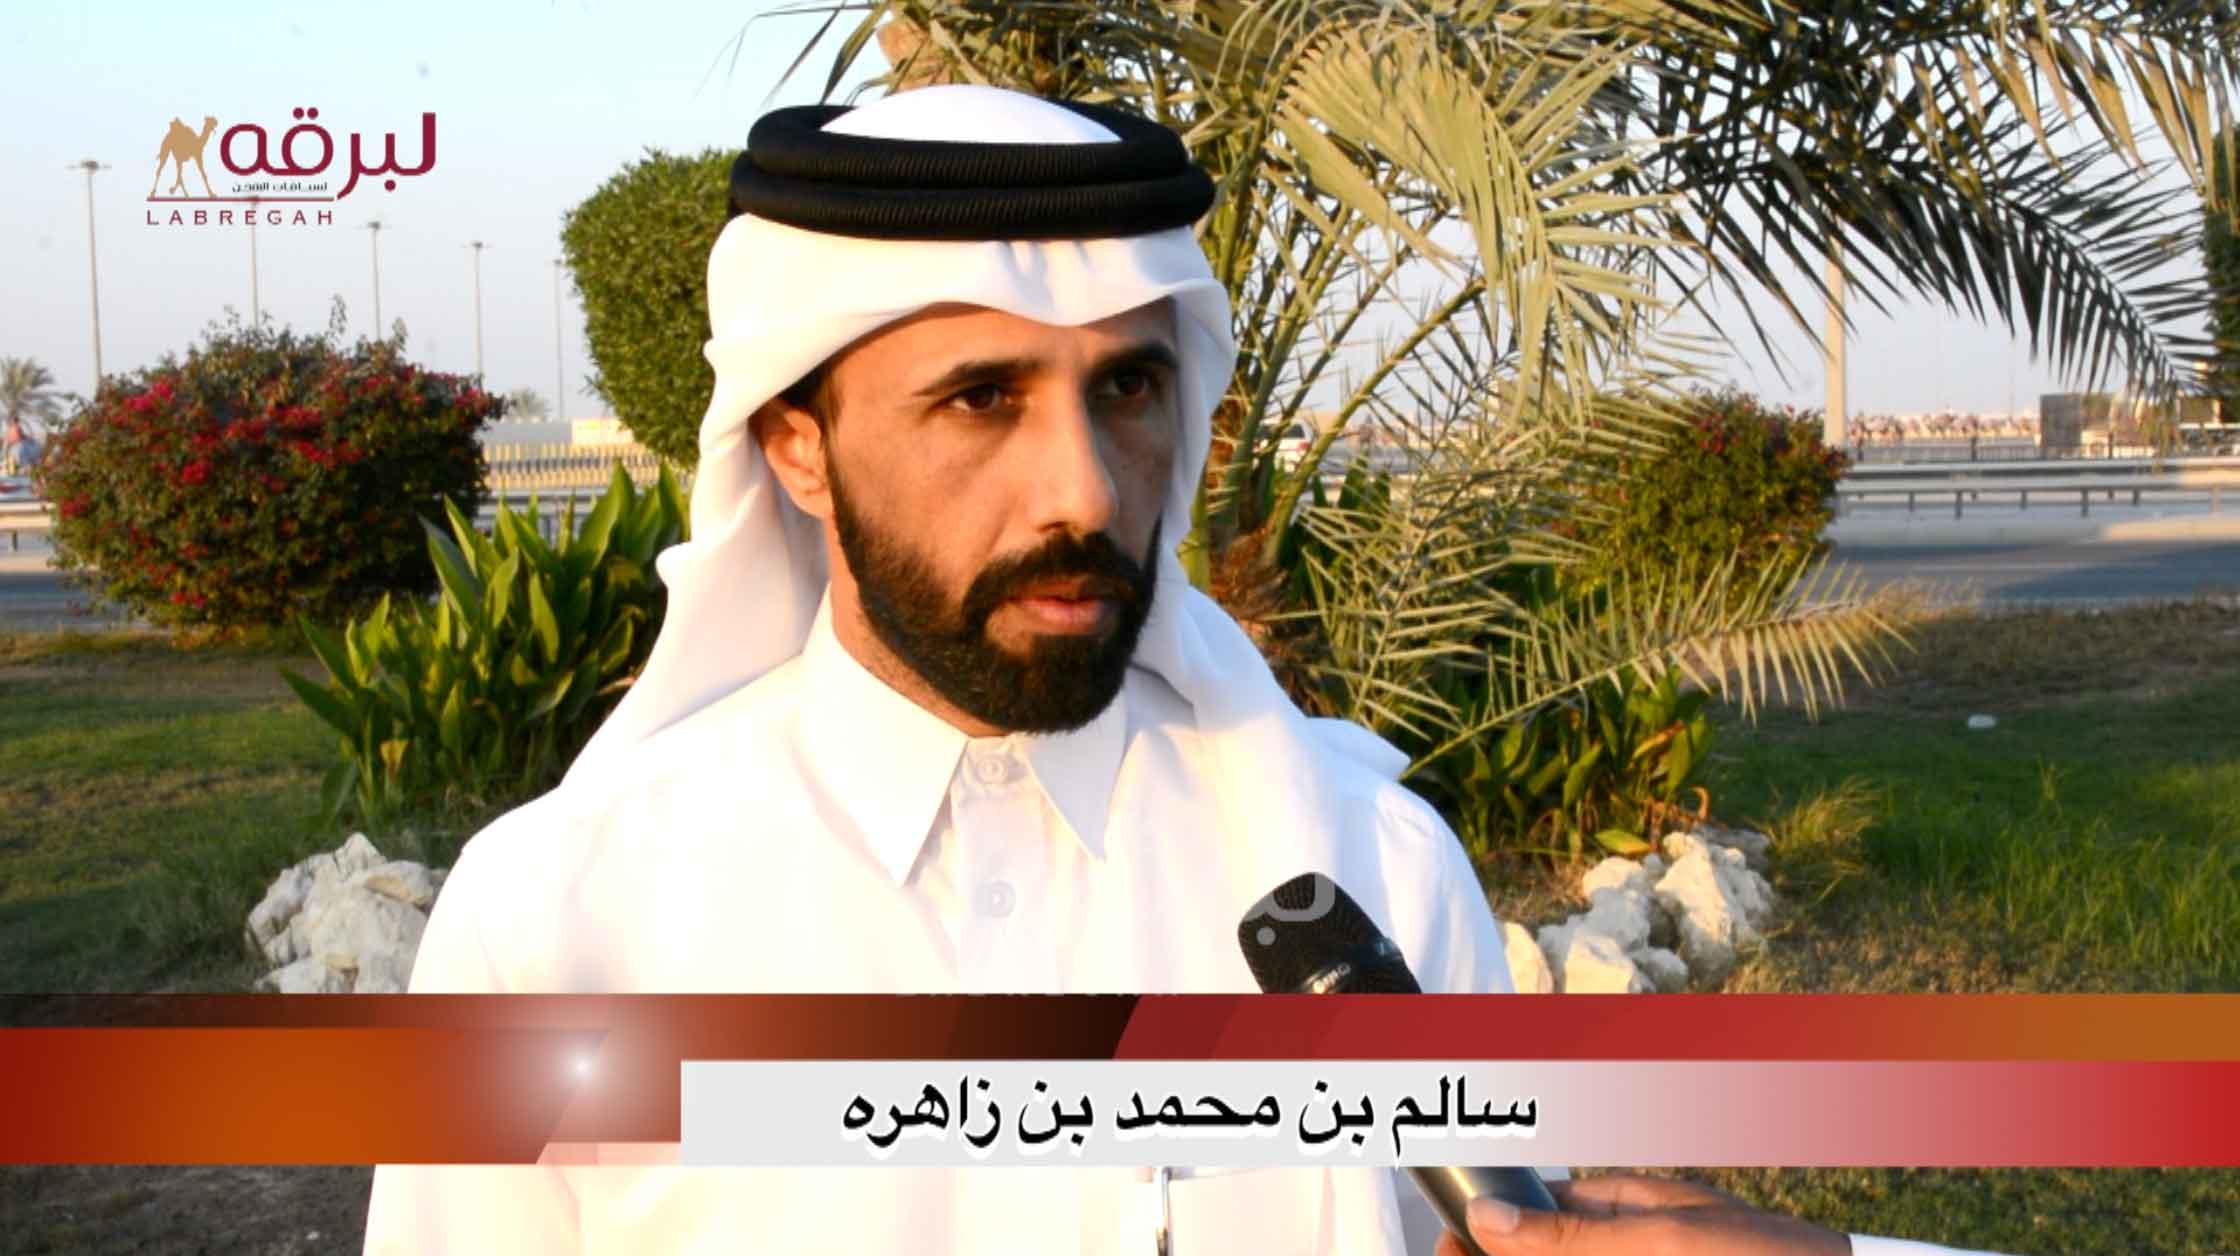 لقاء مع سالم بن محمد بن زاهره.. الشوط الرئيسي للقايا بكار إنتاج الأشواط المفتوحة  ٤-١١-٢٠٢٠